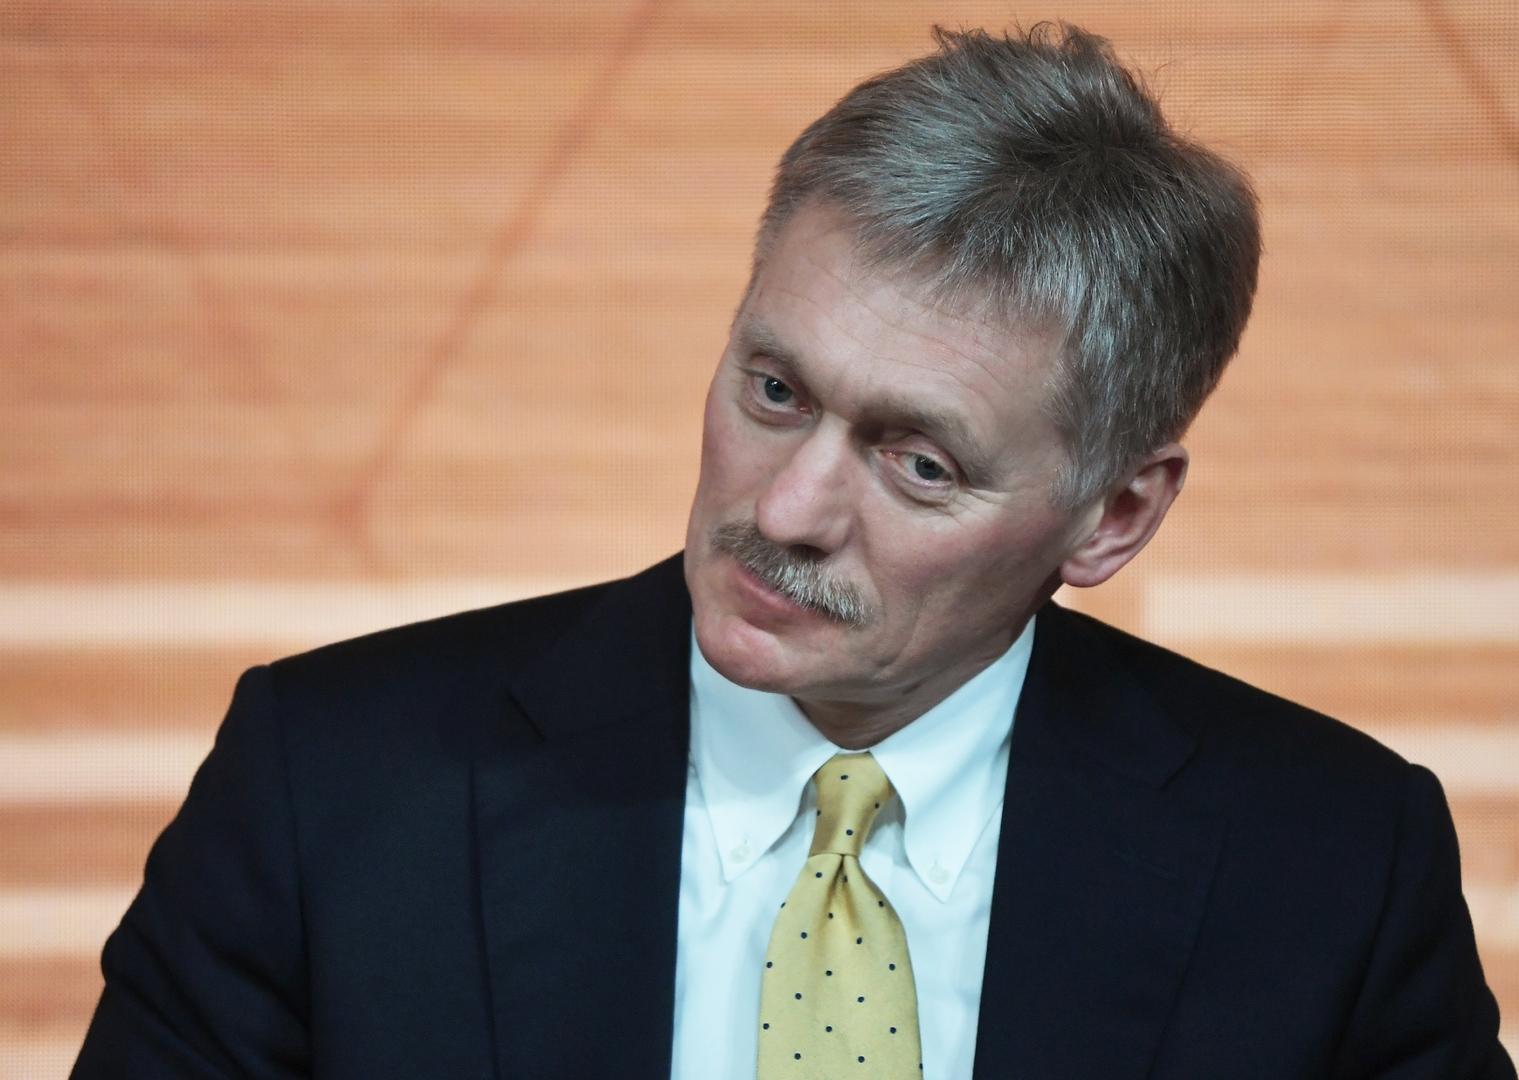 بيسكوف يعلق على قرار بايدن تعيين جين بساكي متحدثة باسم البيت الأبيض